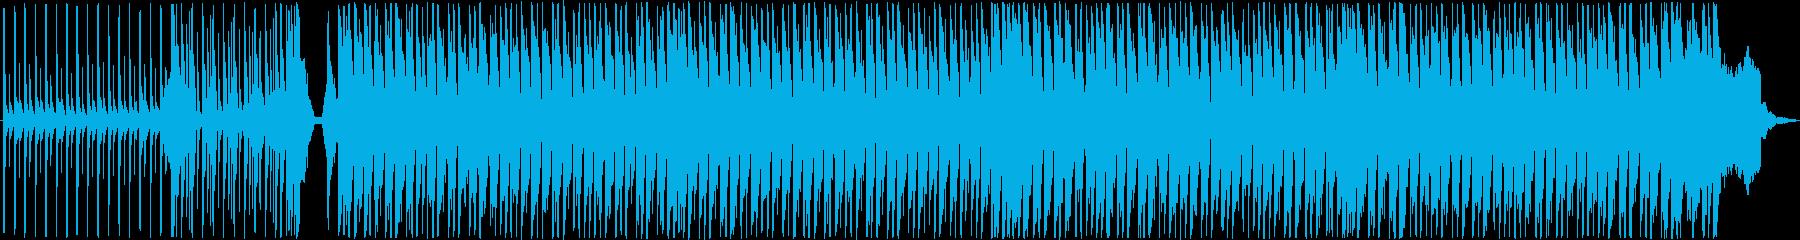 キラキラふわふわなかわいいBGMの再生済みの波形